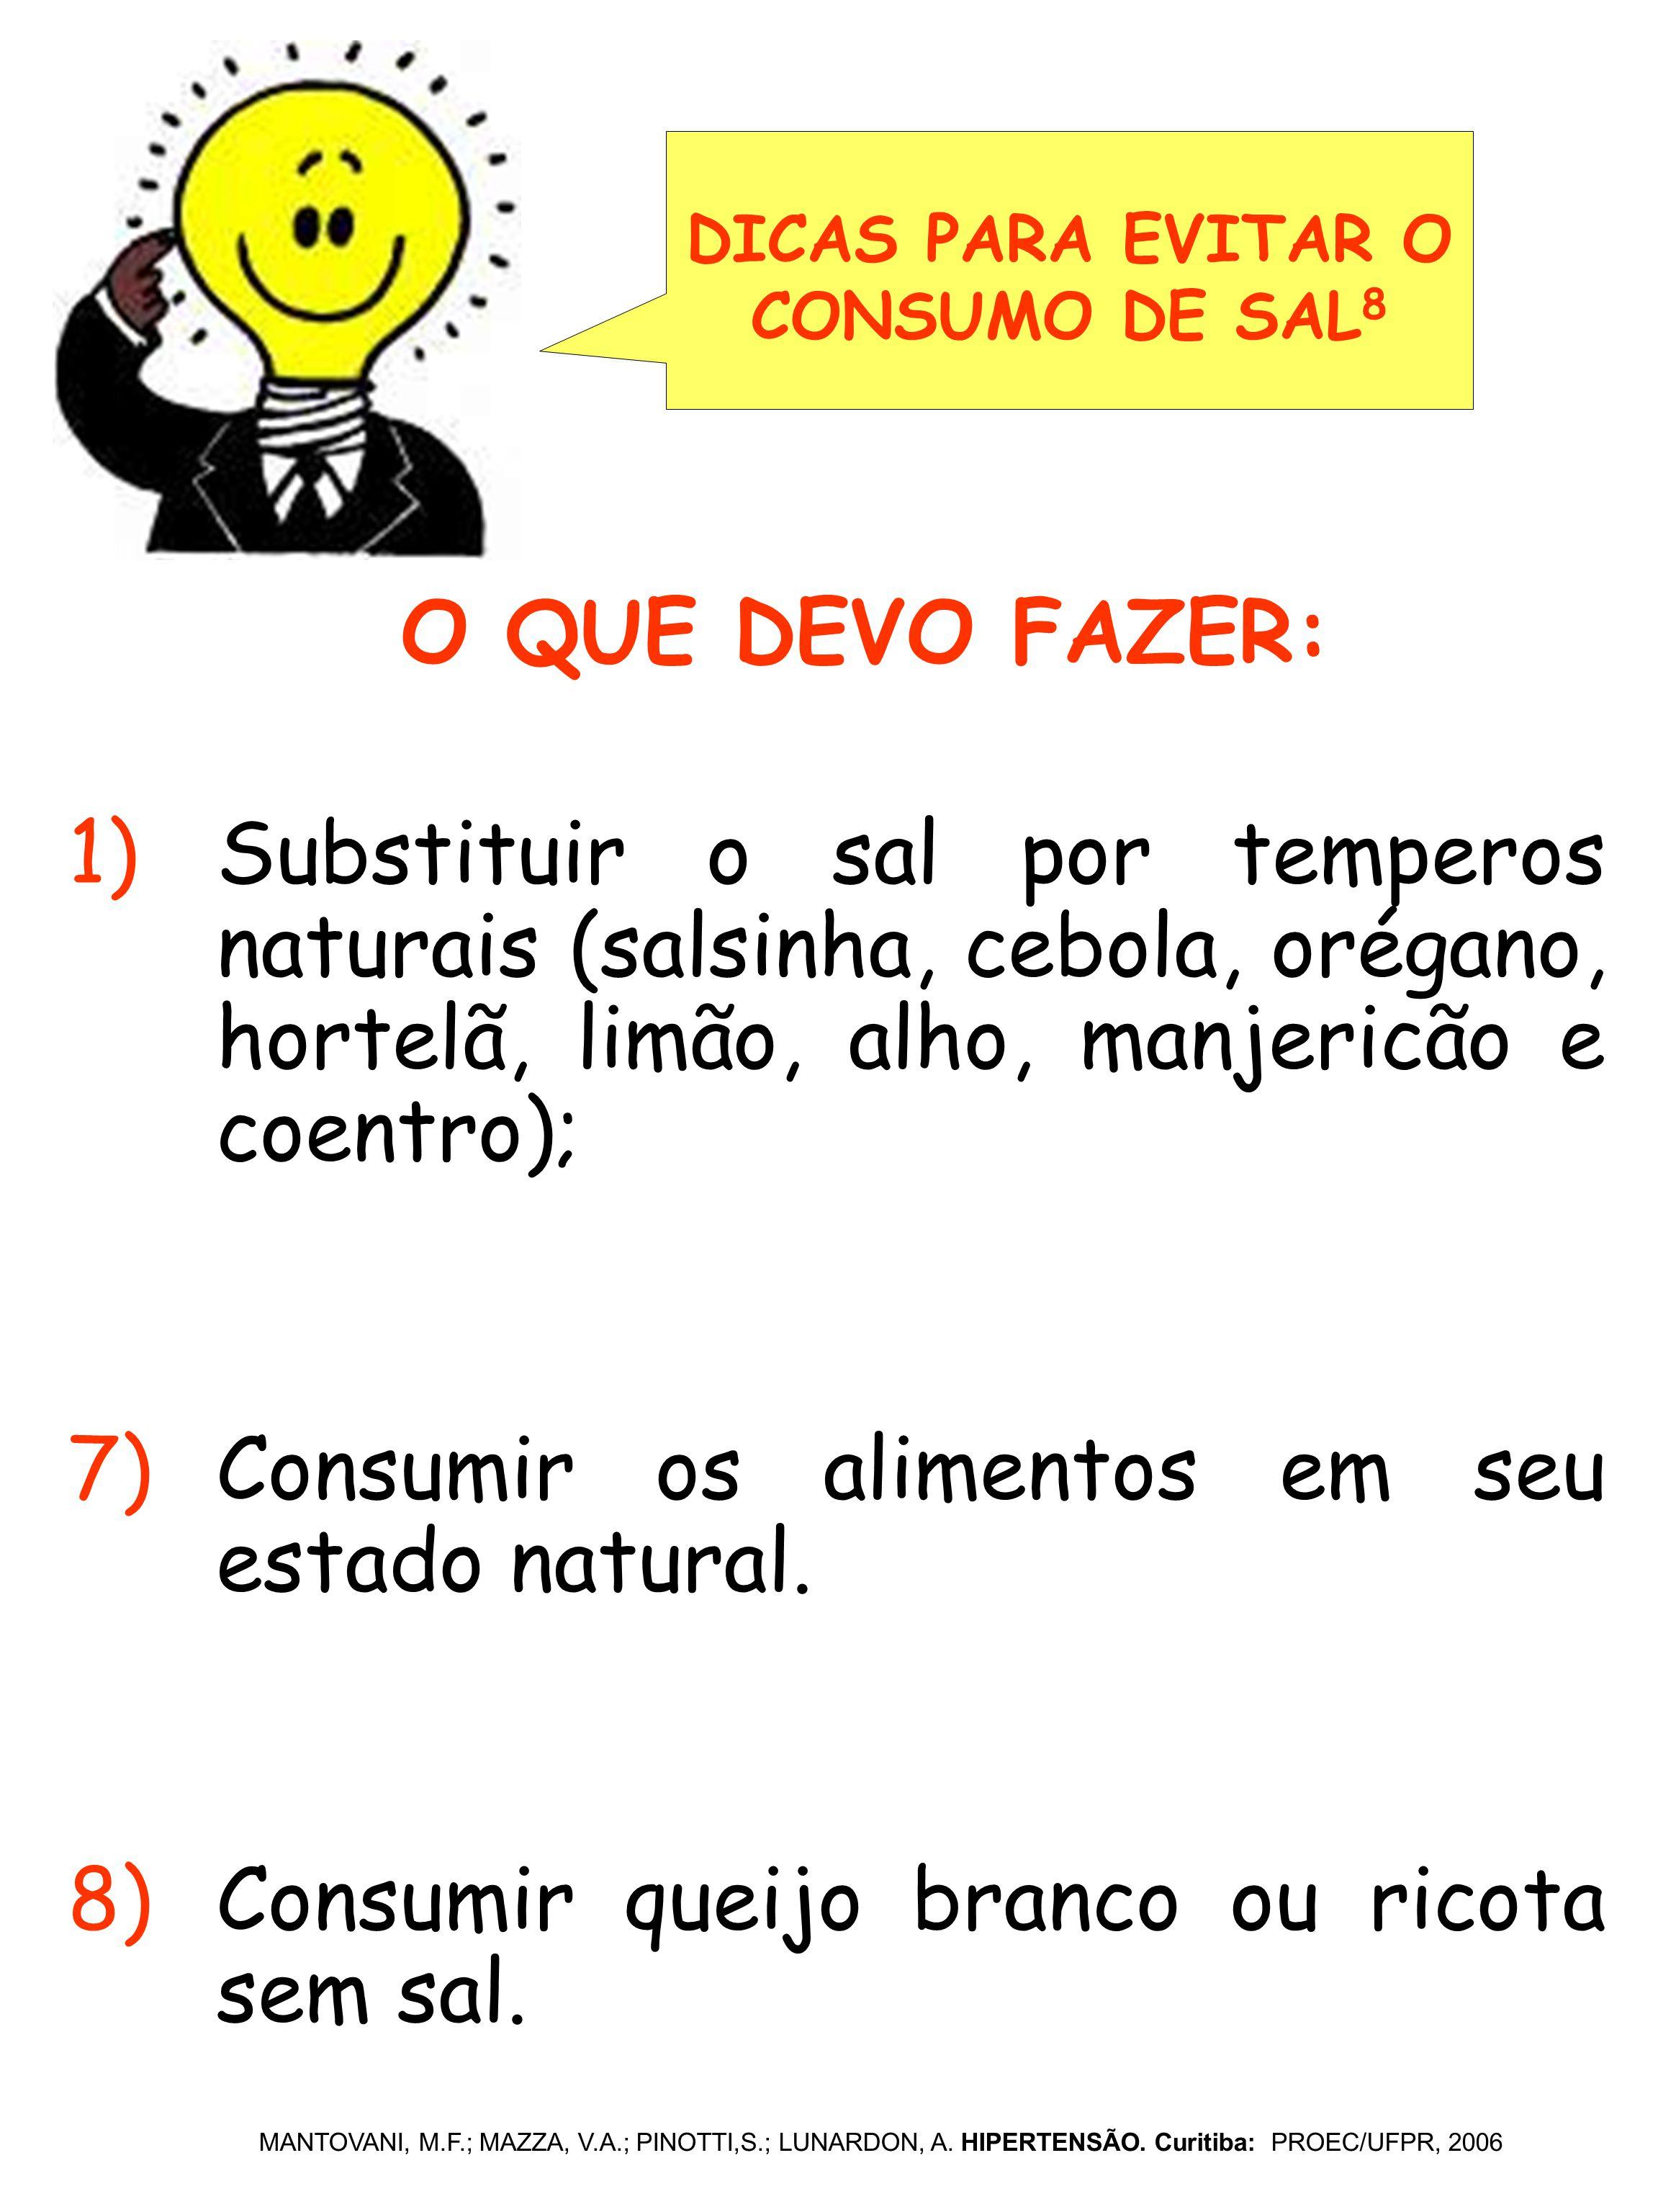 1)Substituir o sal por temperos naturais (salsinha, cebola, orégano, hortelã, limão, alho, manjericão e coentro); 7)Consumir os alimentos em seu estad